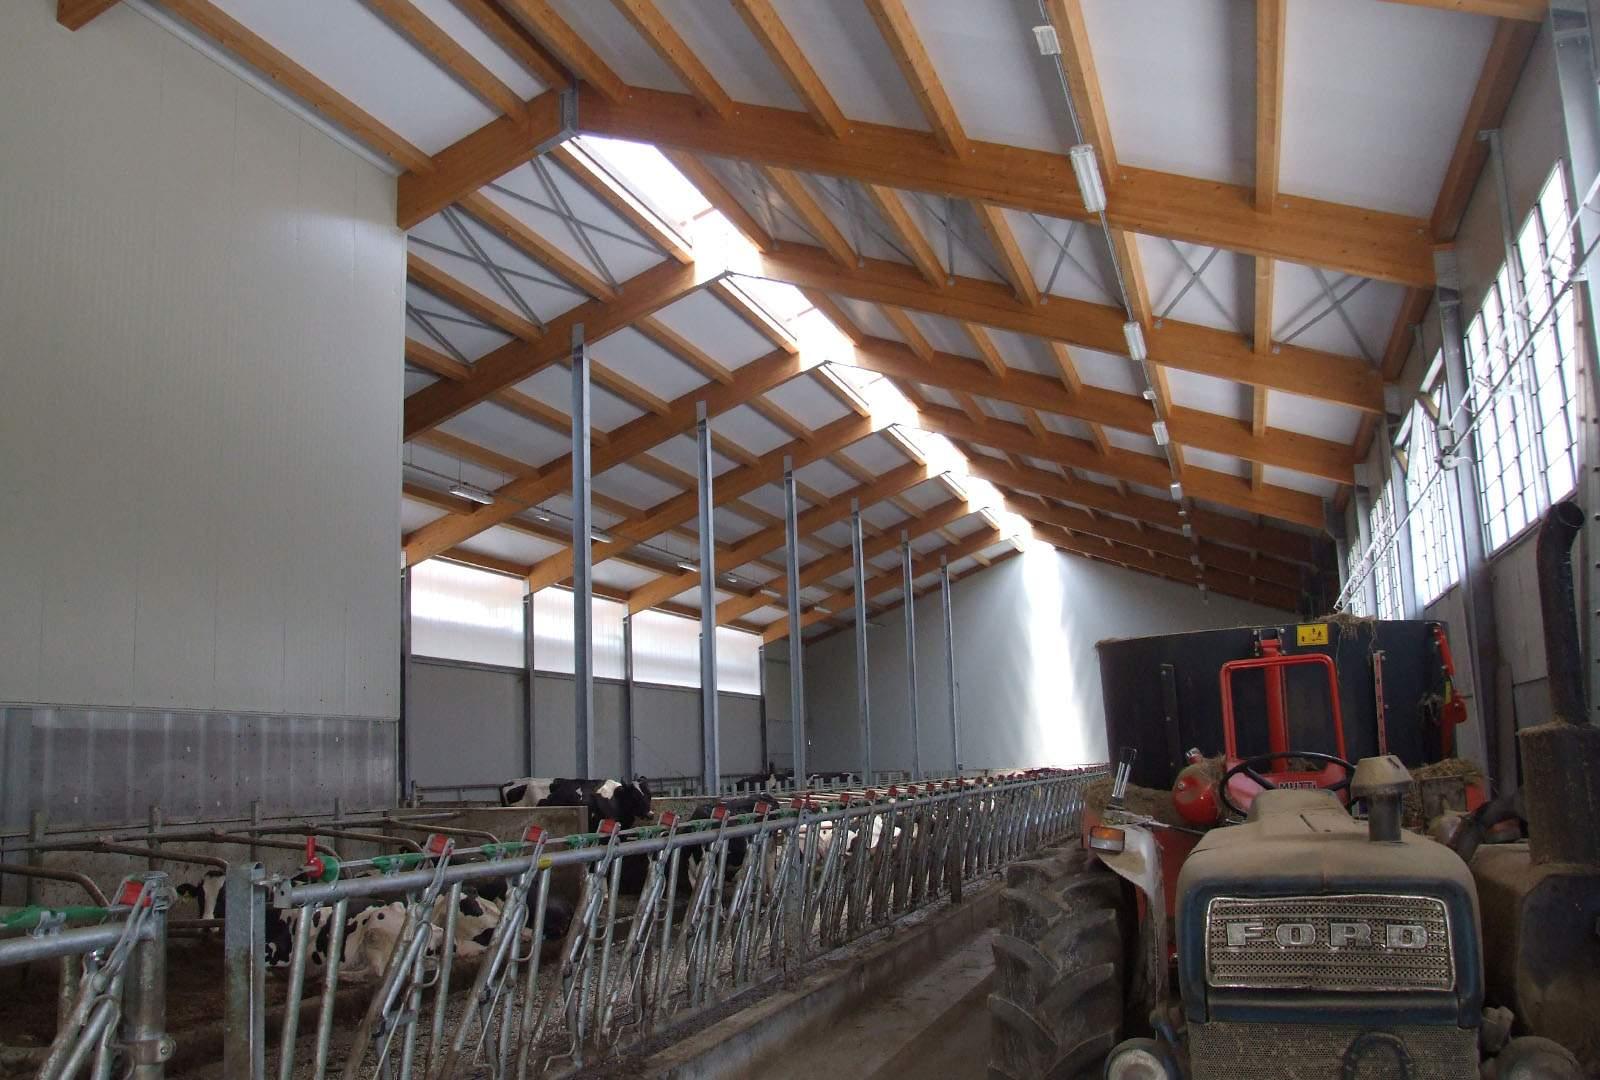 Capannoni-prefabbricati-in-legno-lamellare-10  Miglioranza